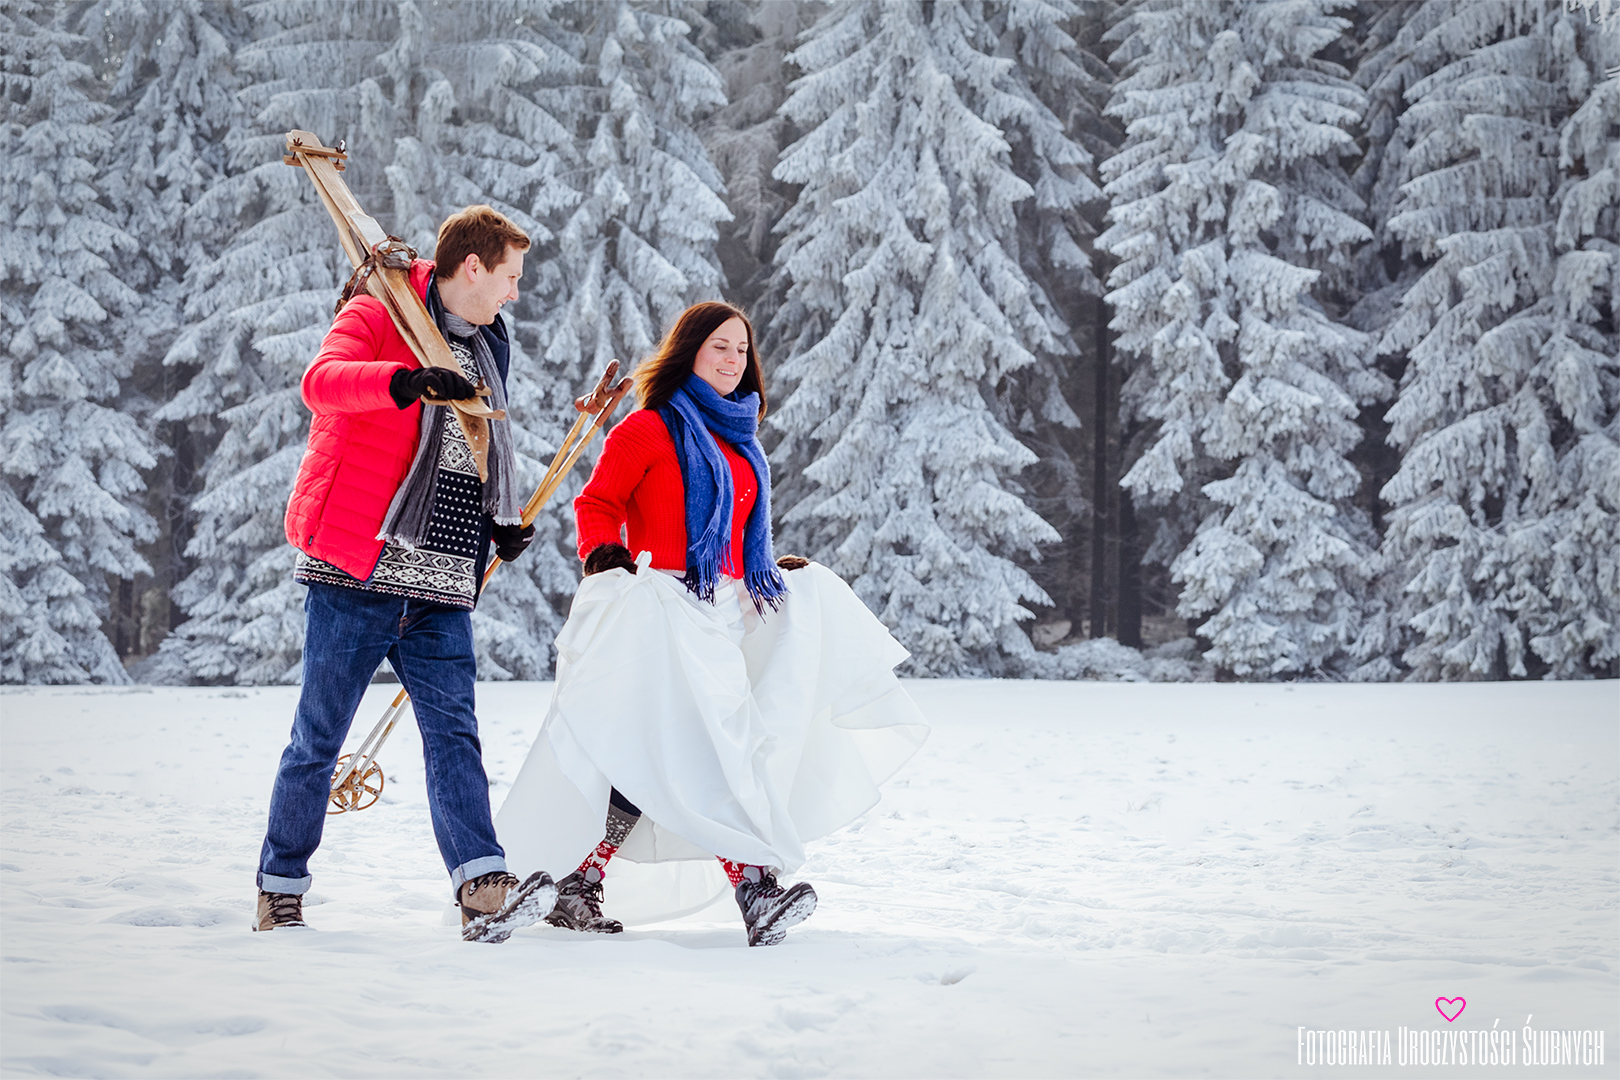 Śnieżna sesja ślubna plenerowa w Karkonoszach, w Szklarskiej Porębie. Klaudia Cieplińska - Fotografia - zimowe zdjęcia w górach